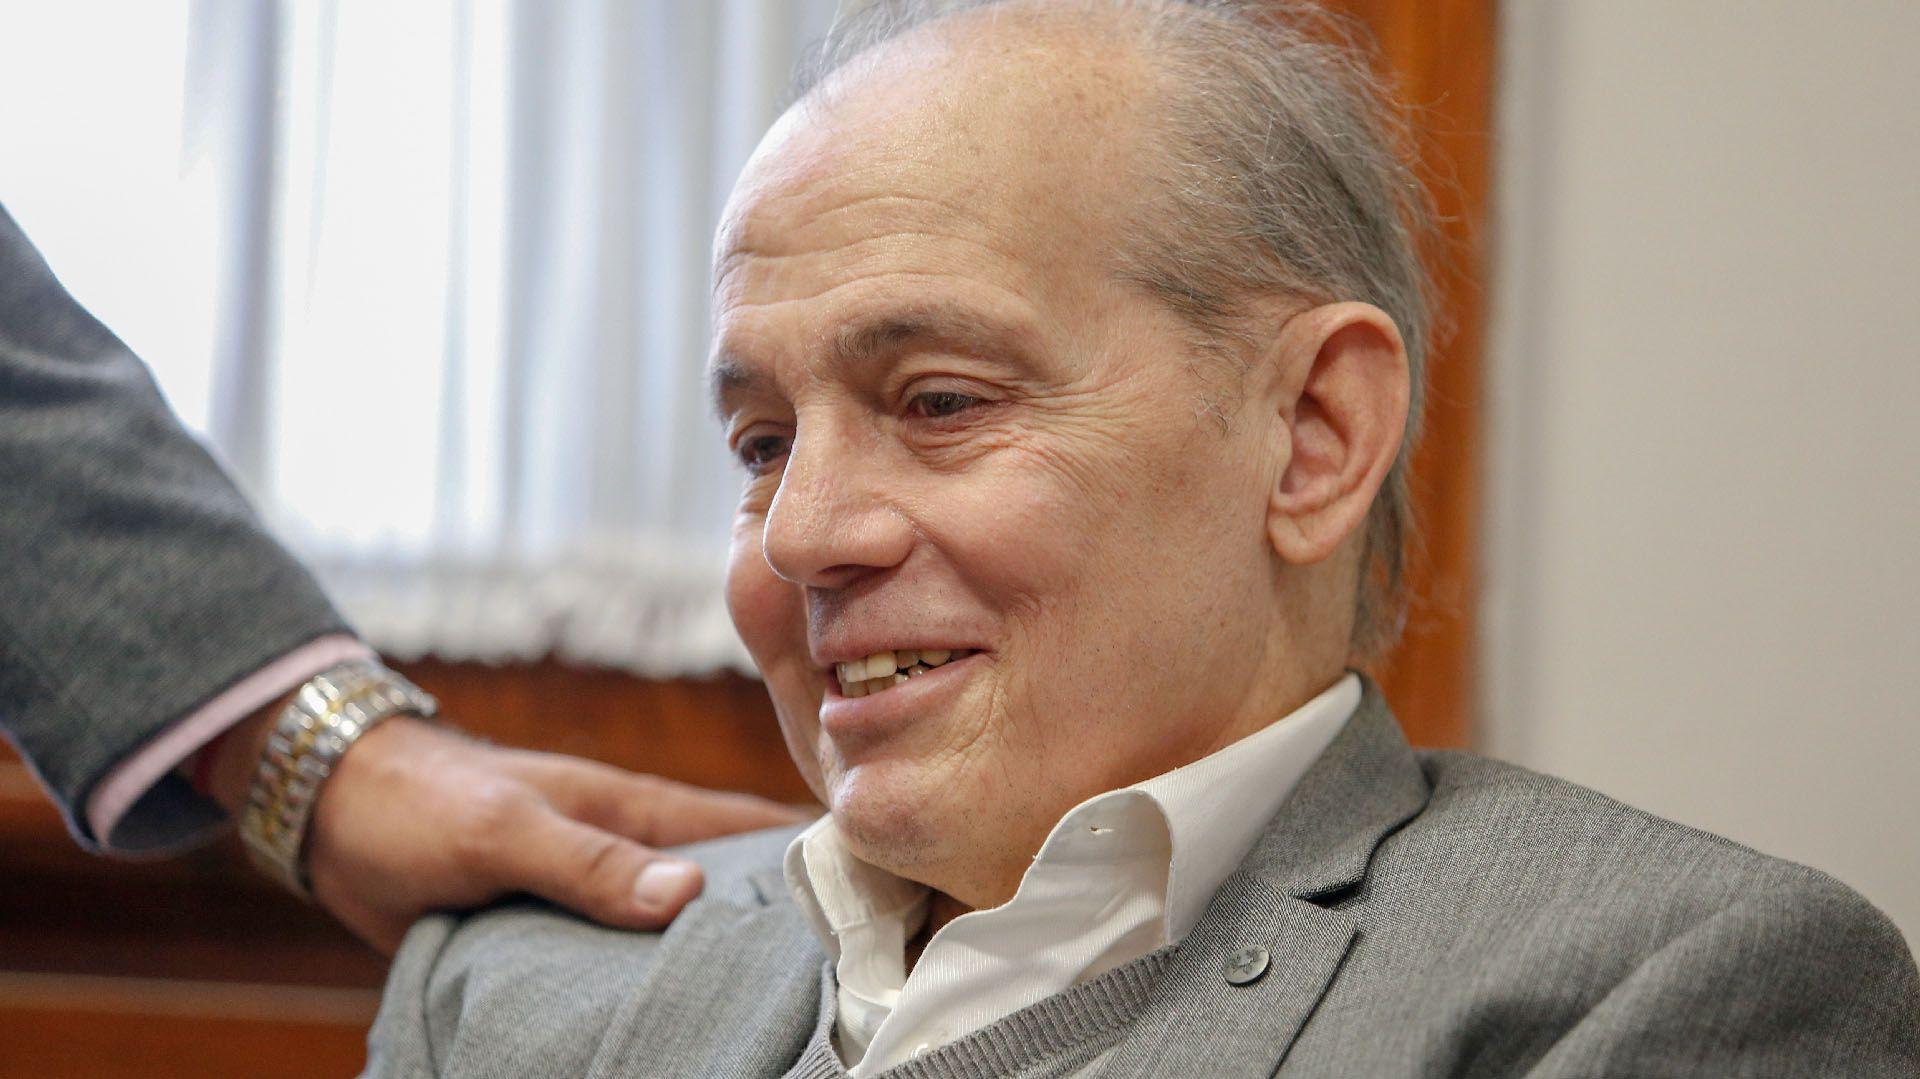 El entrenador de 66 años fue trasladado de La Plata a Capital Federal (Nicolás Aboaf)